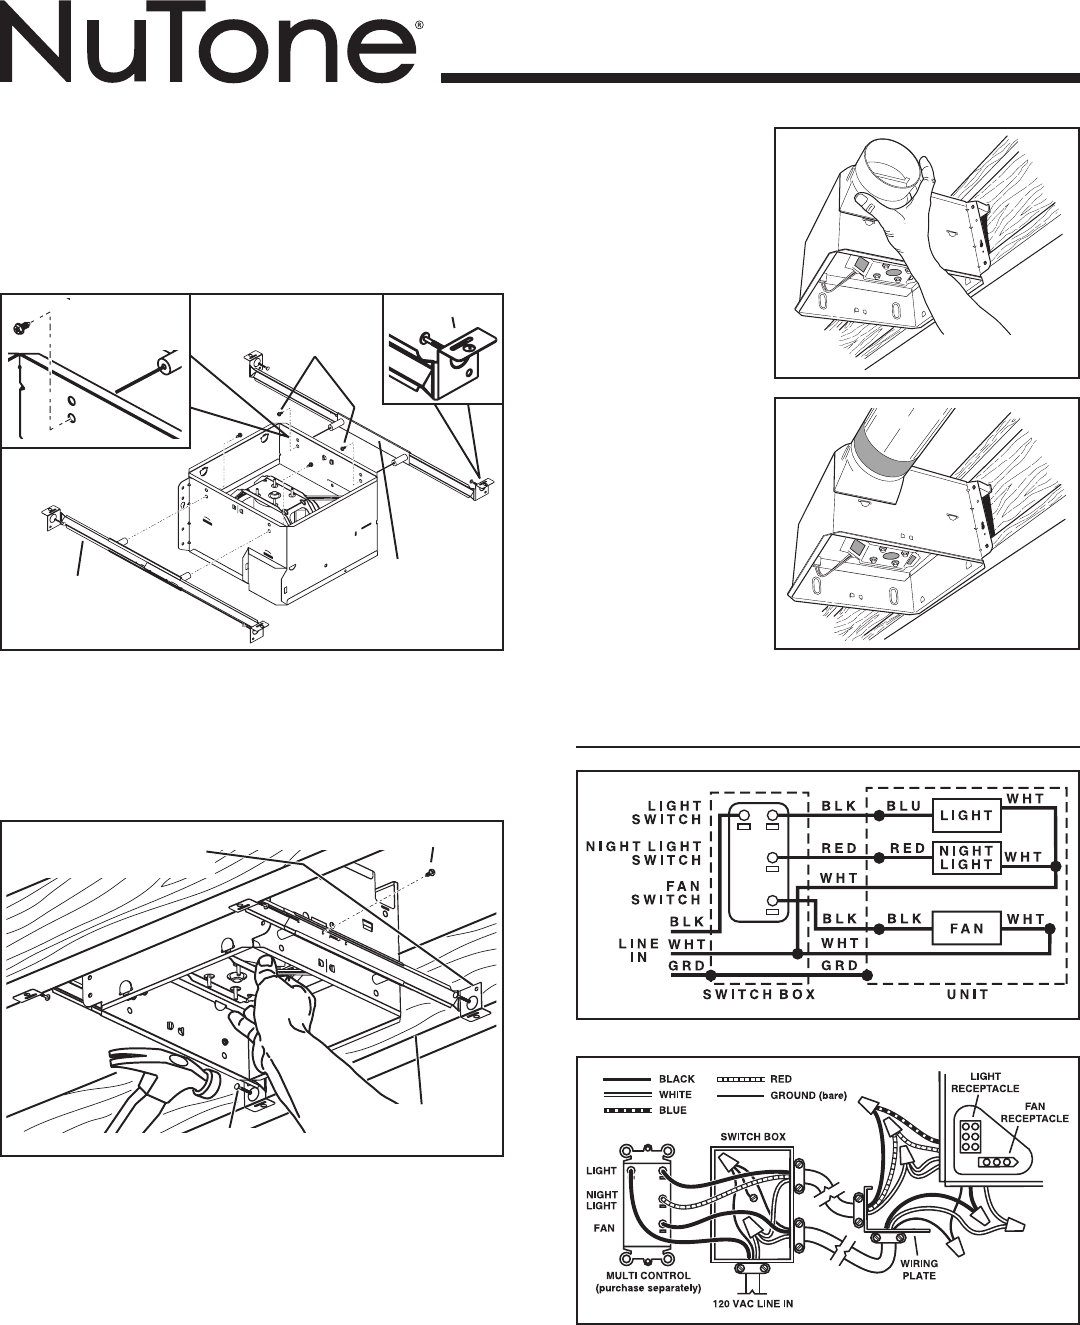 Ceiling Fan Wiring Diagram Wiring Nutone Bathroom Fan Today Diagram Database